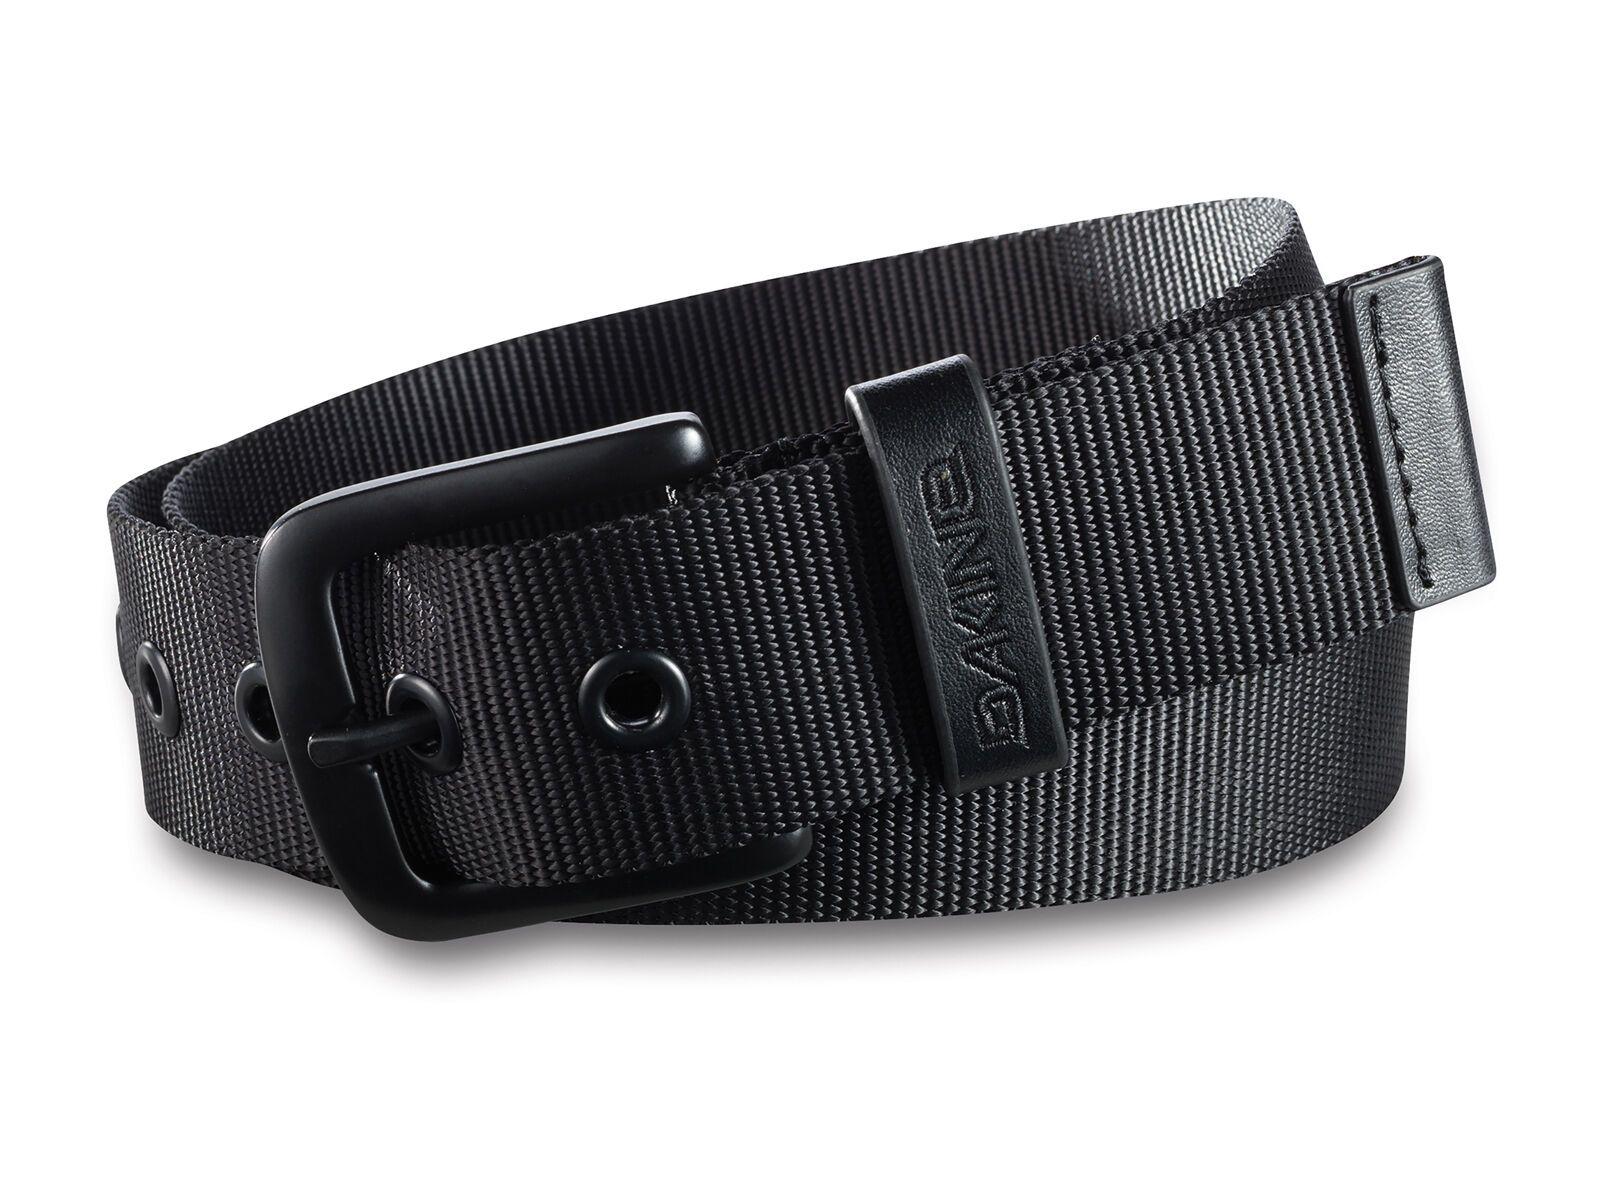 Dakine Ryder Belt black S/M // 76-89 cm 10001918-BLACK-S/M